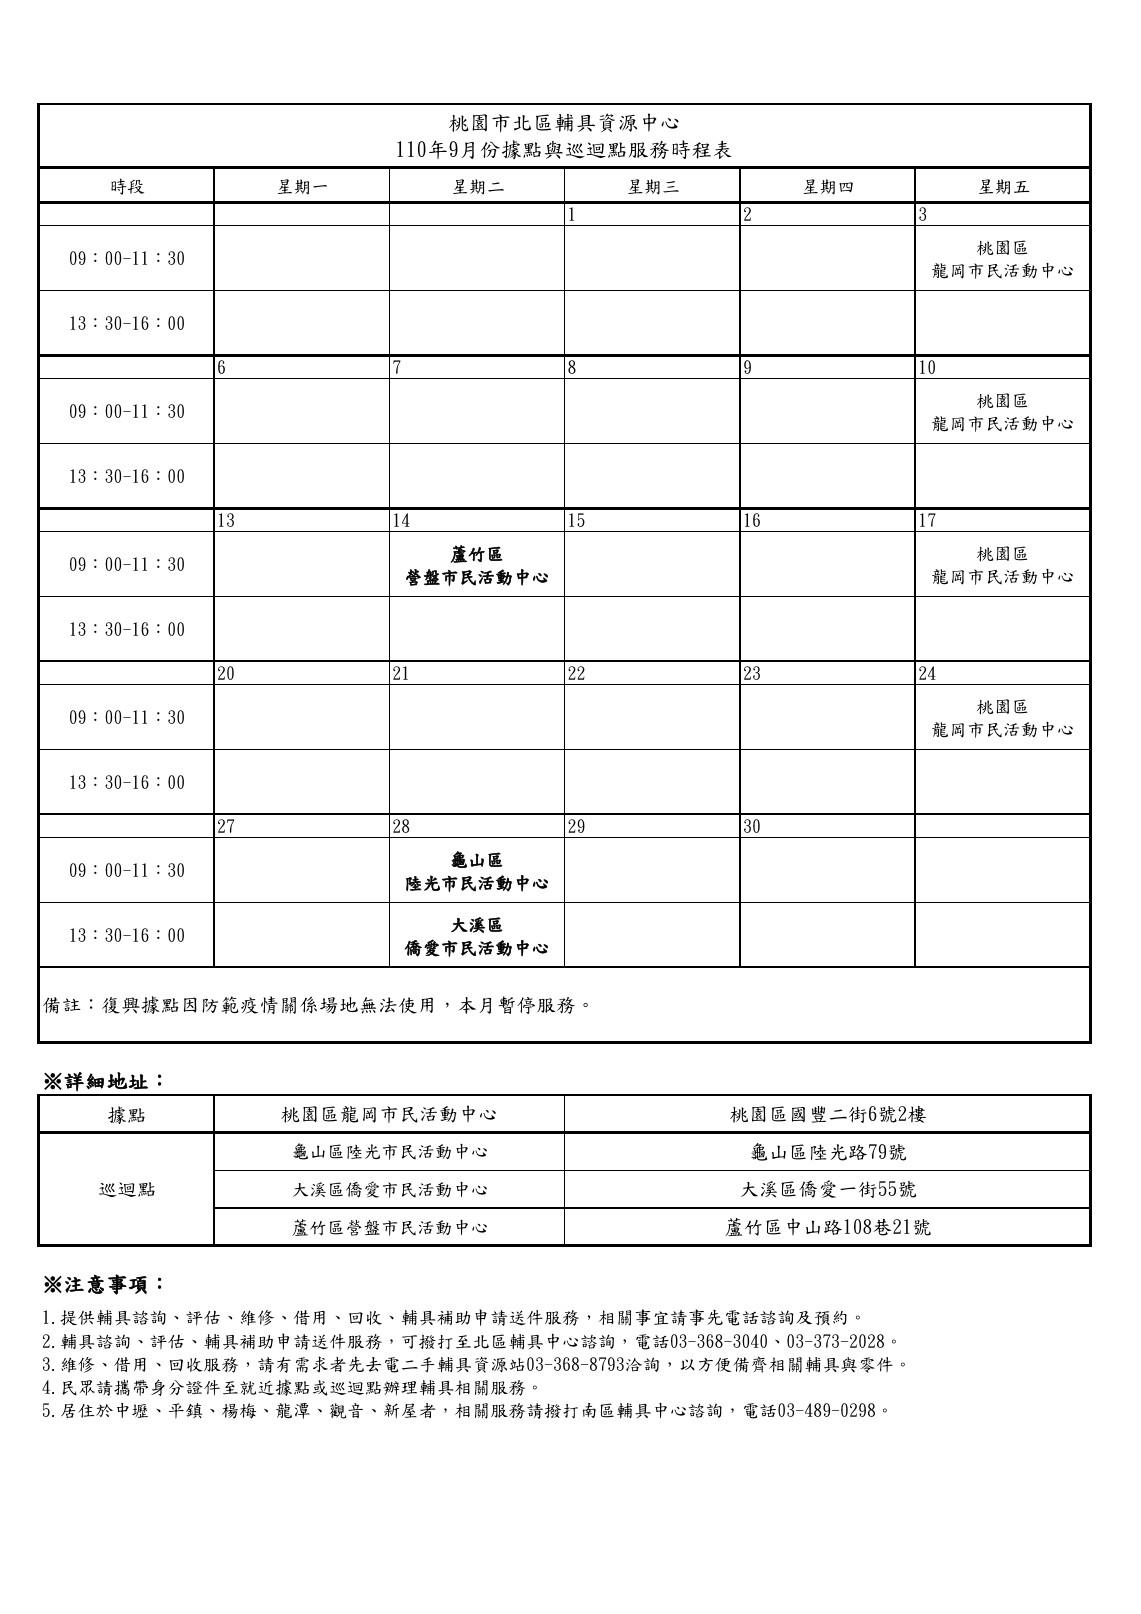 110年據點與巡迴點服務時程表-9月.jpg